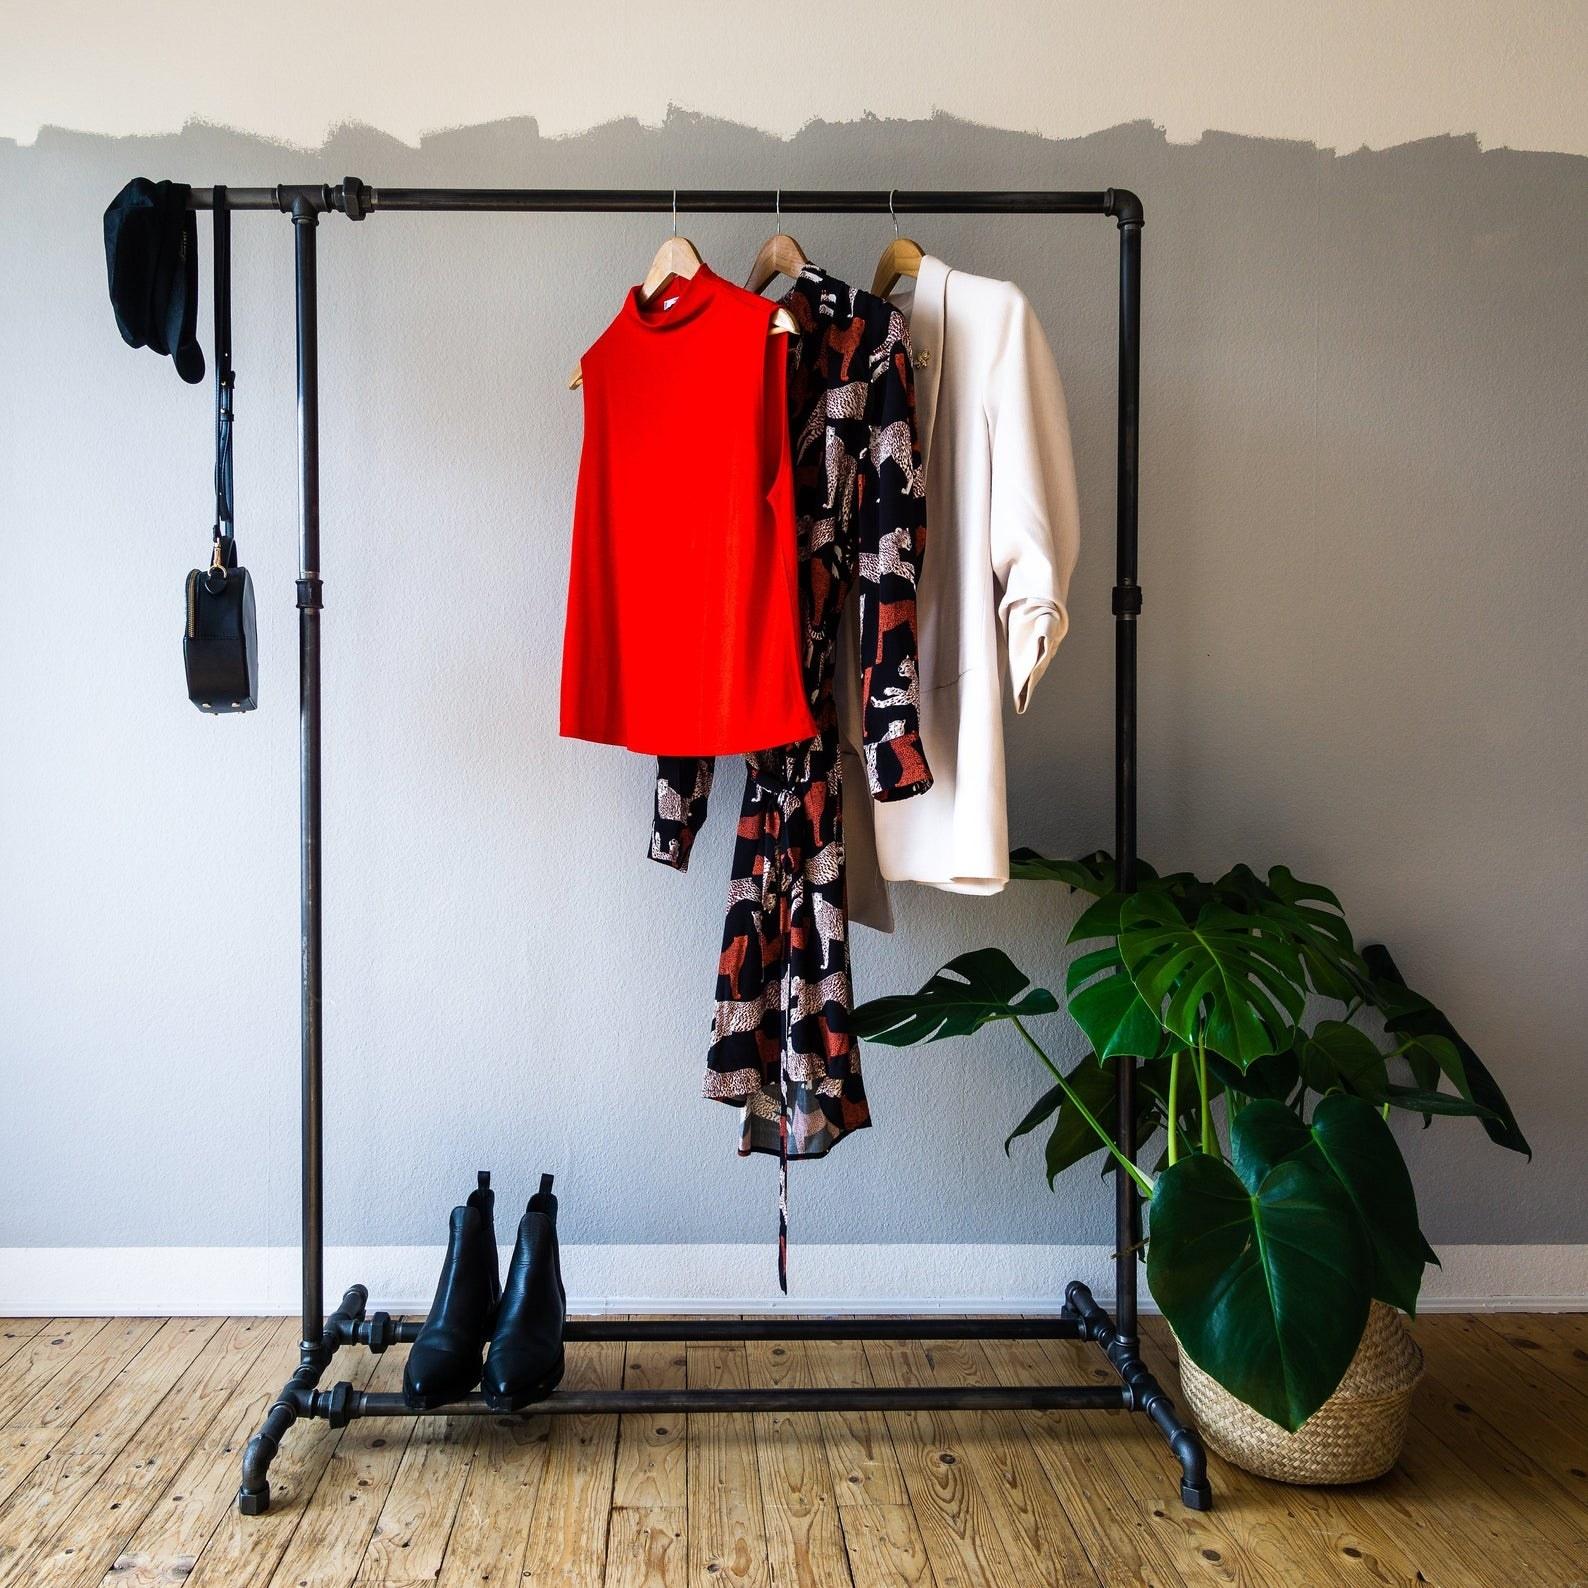 Coat and shoe rack in room